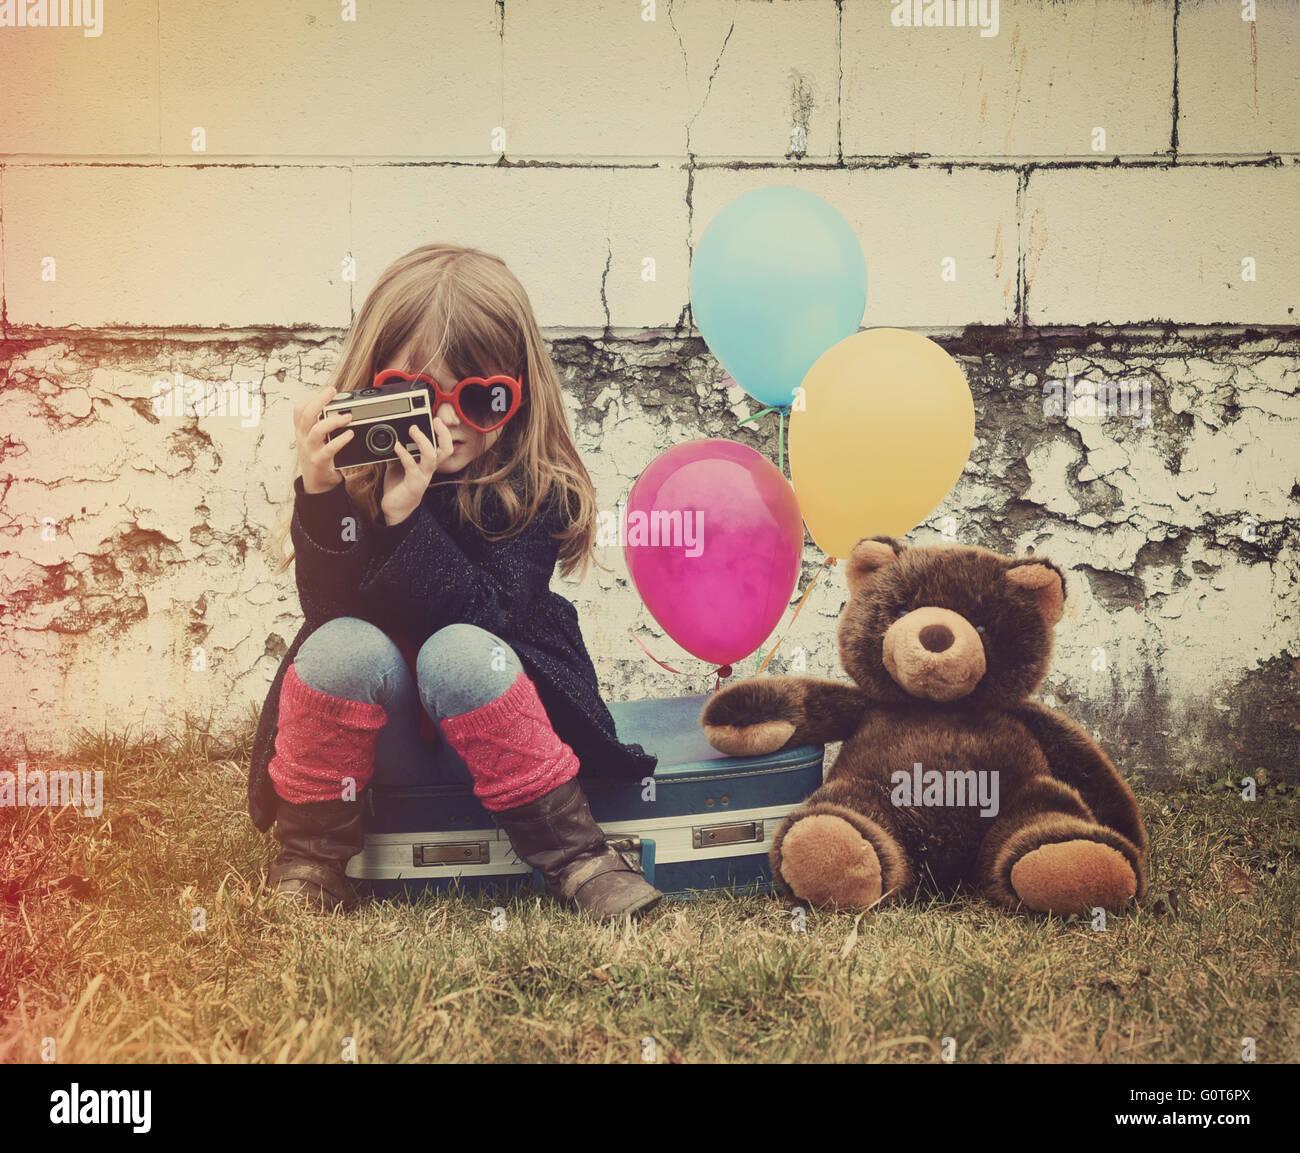 La foto di un bambino vintage di scattare una foto con la vecchia fotocamera contro un muro di mattoni, palloncini Immagini Stock